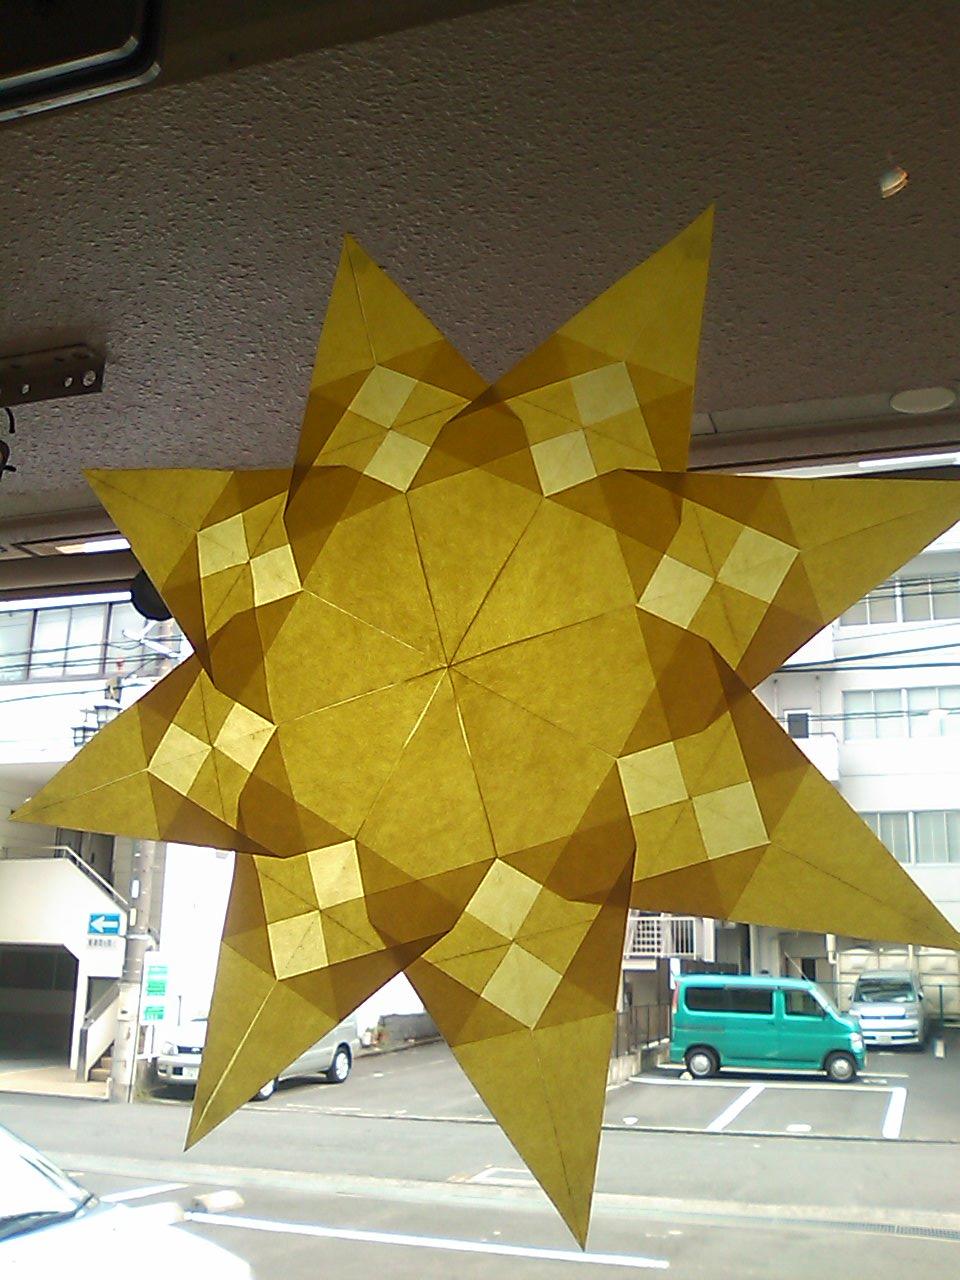 http://www.hyakuchomori.co.jp/blog2/images/SN3K0900.JPG